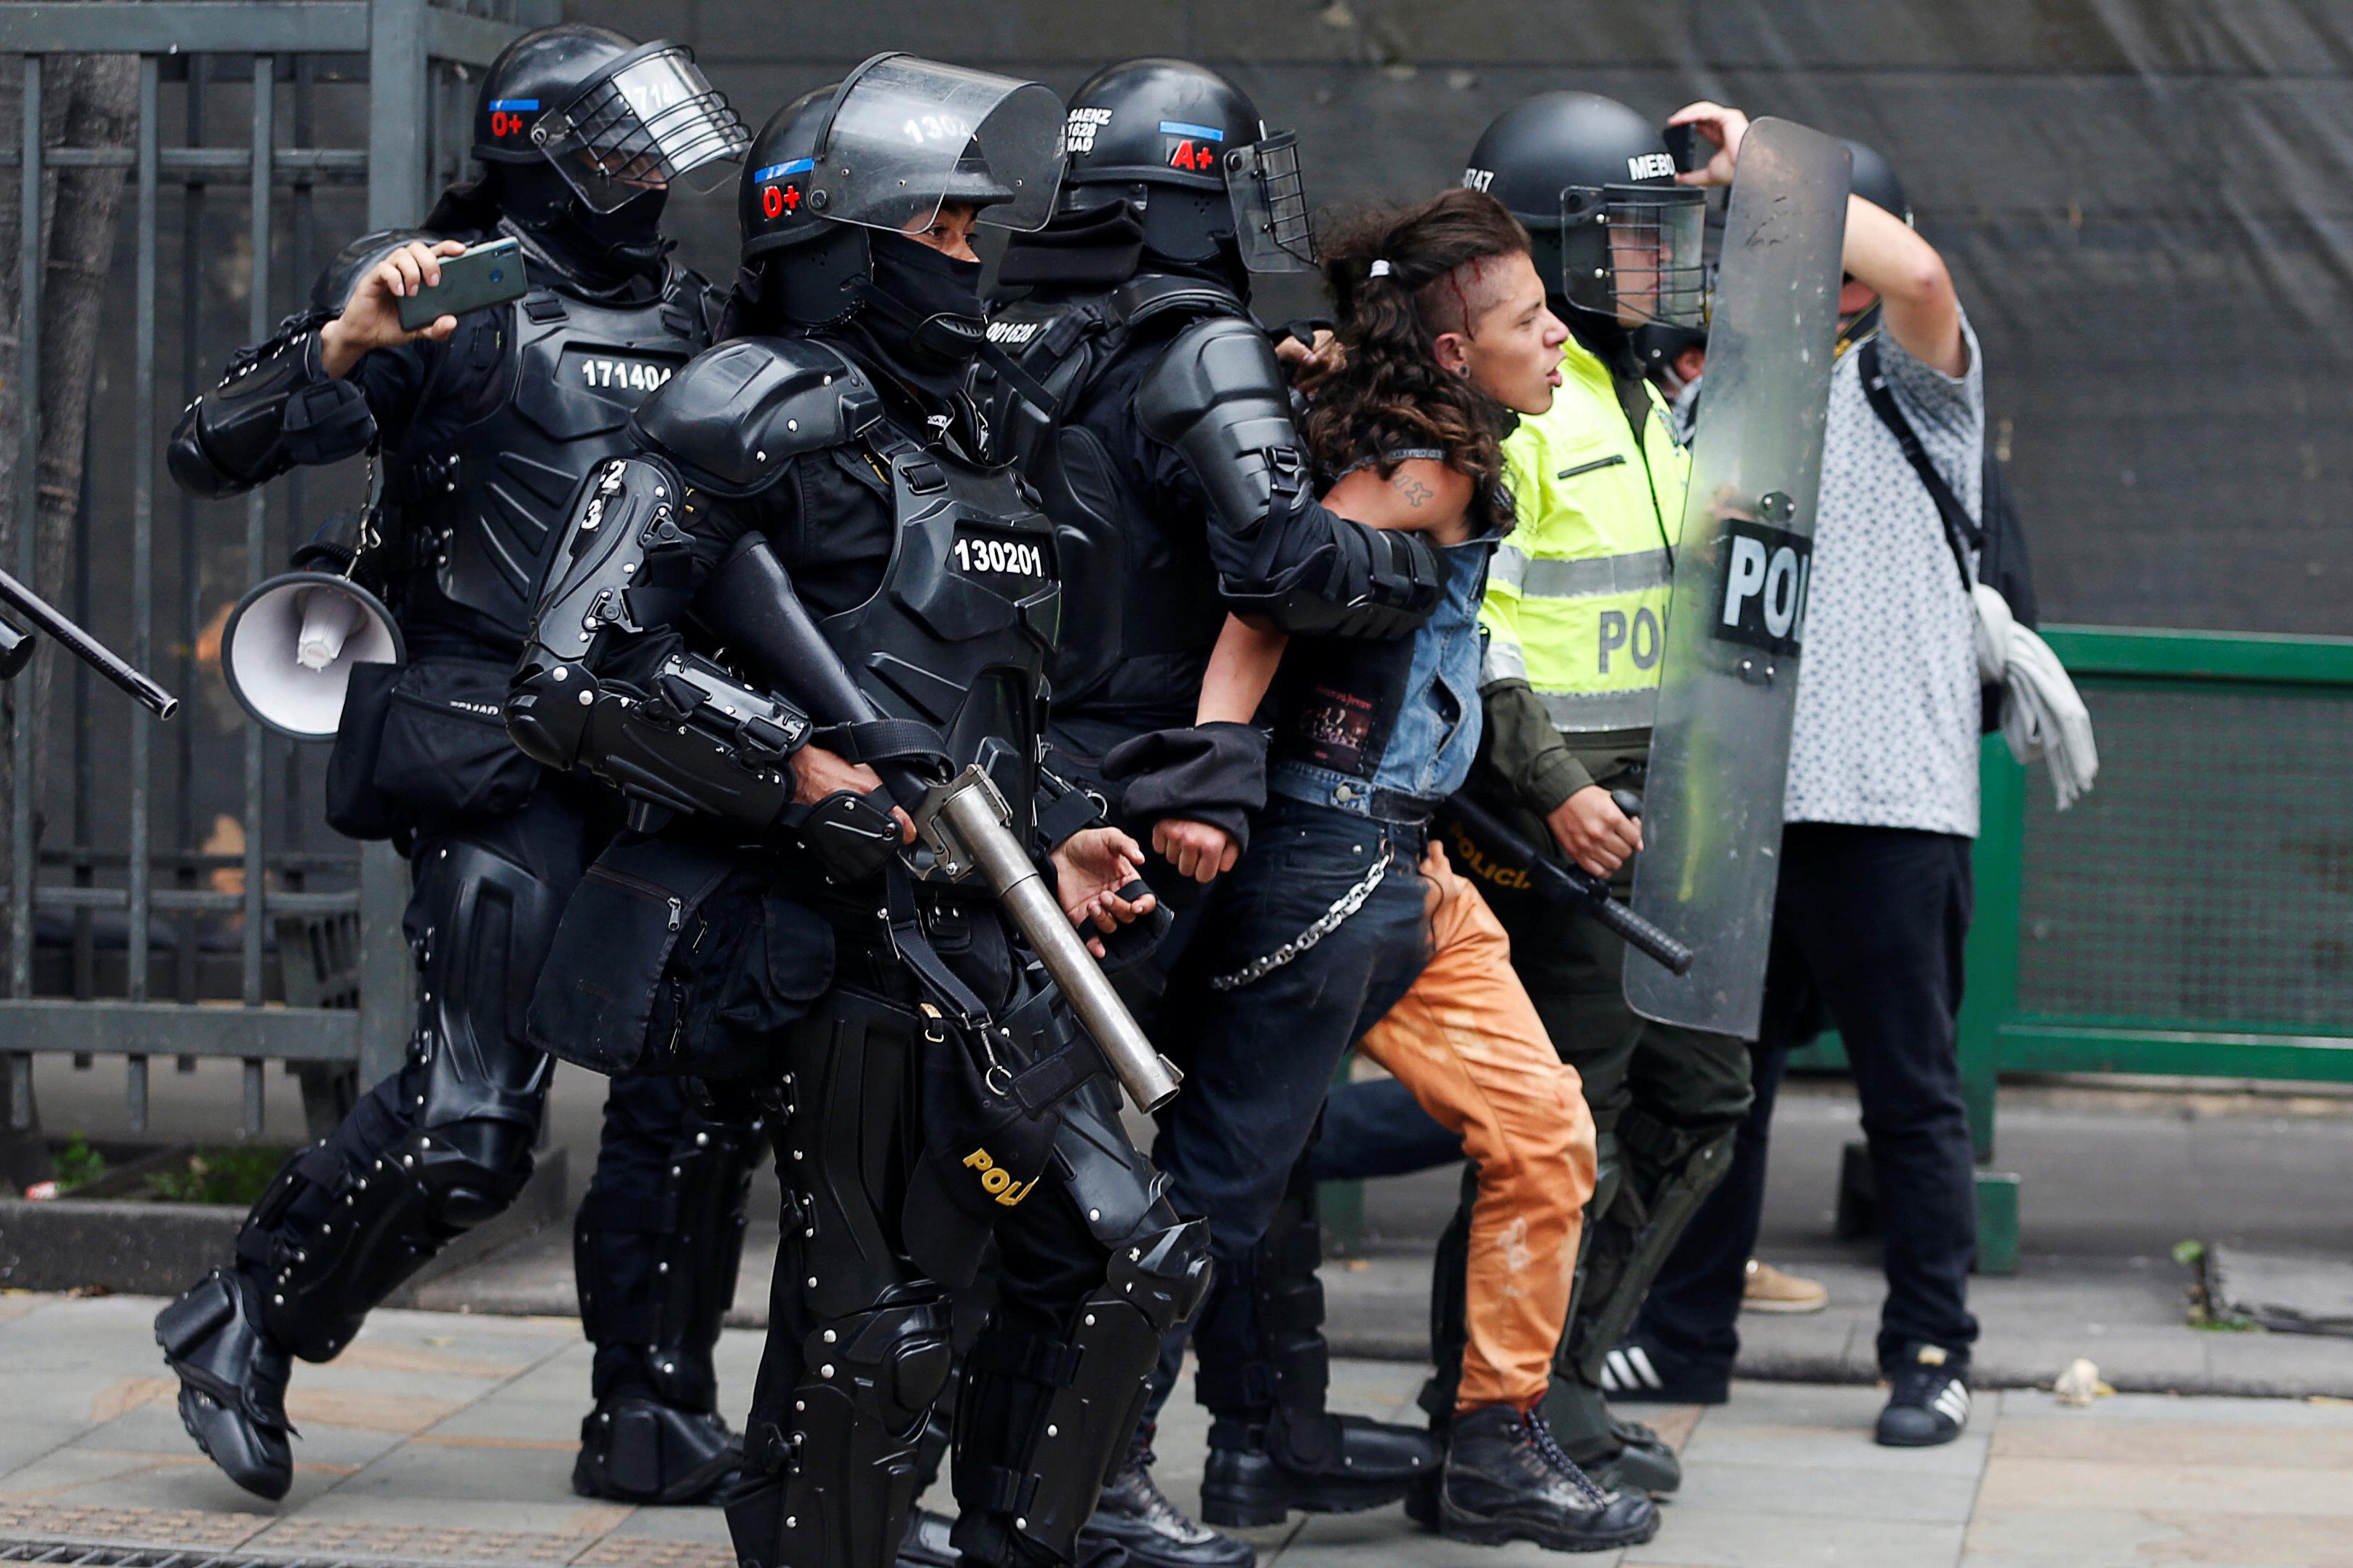 1859886-جانب-من-الاحتجاجات-والعنف-فى-كولومبيا-(7)